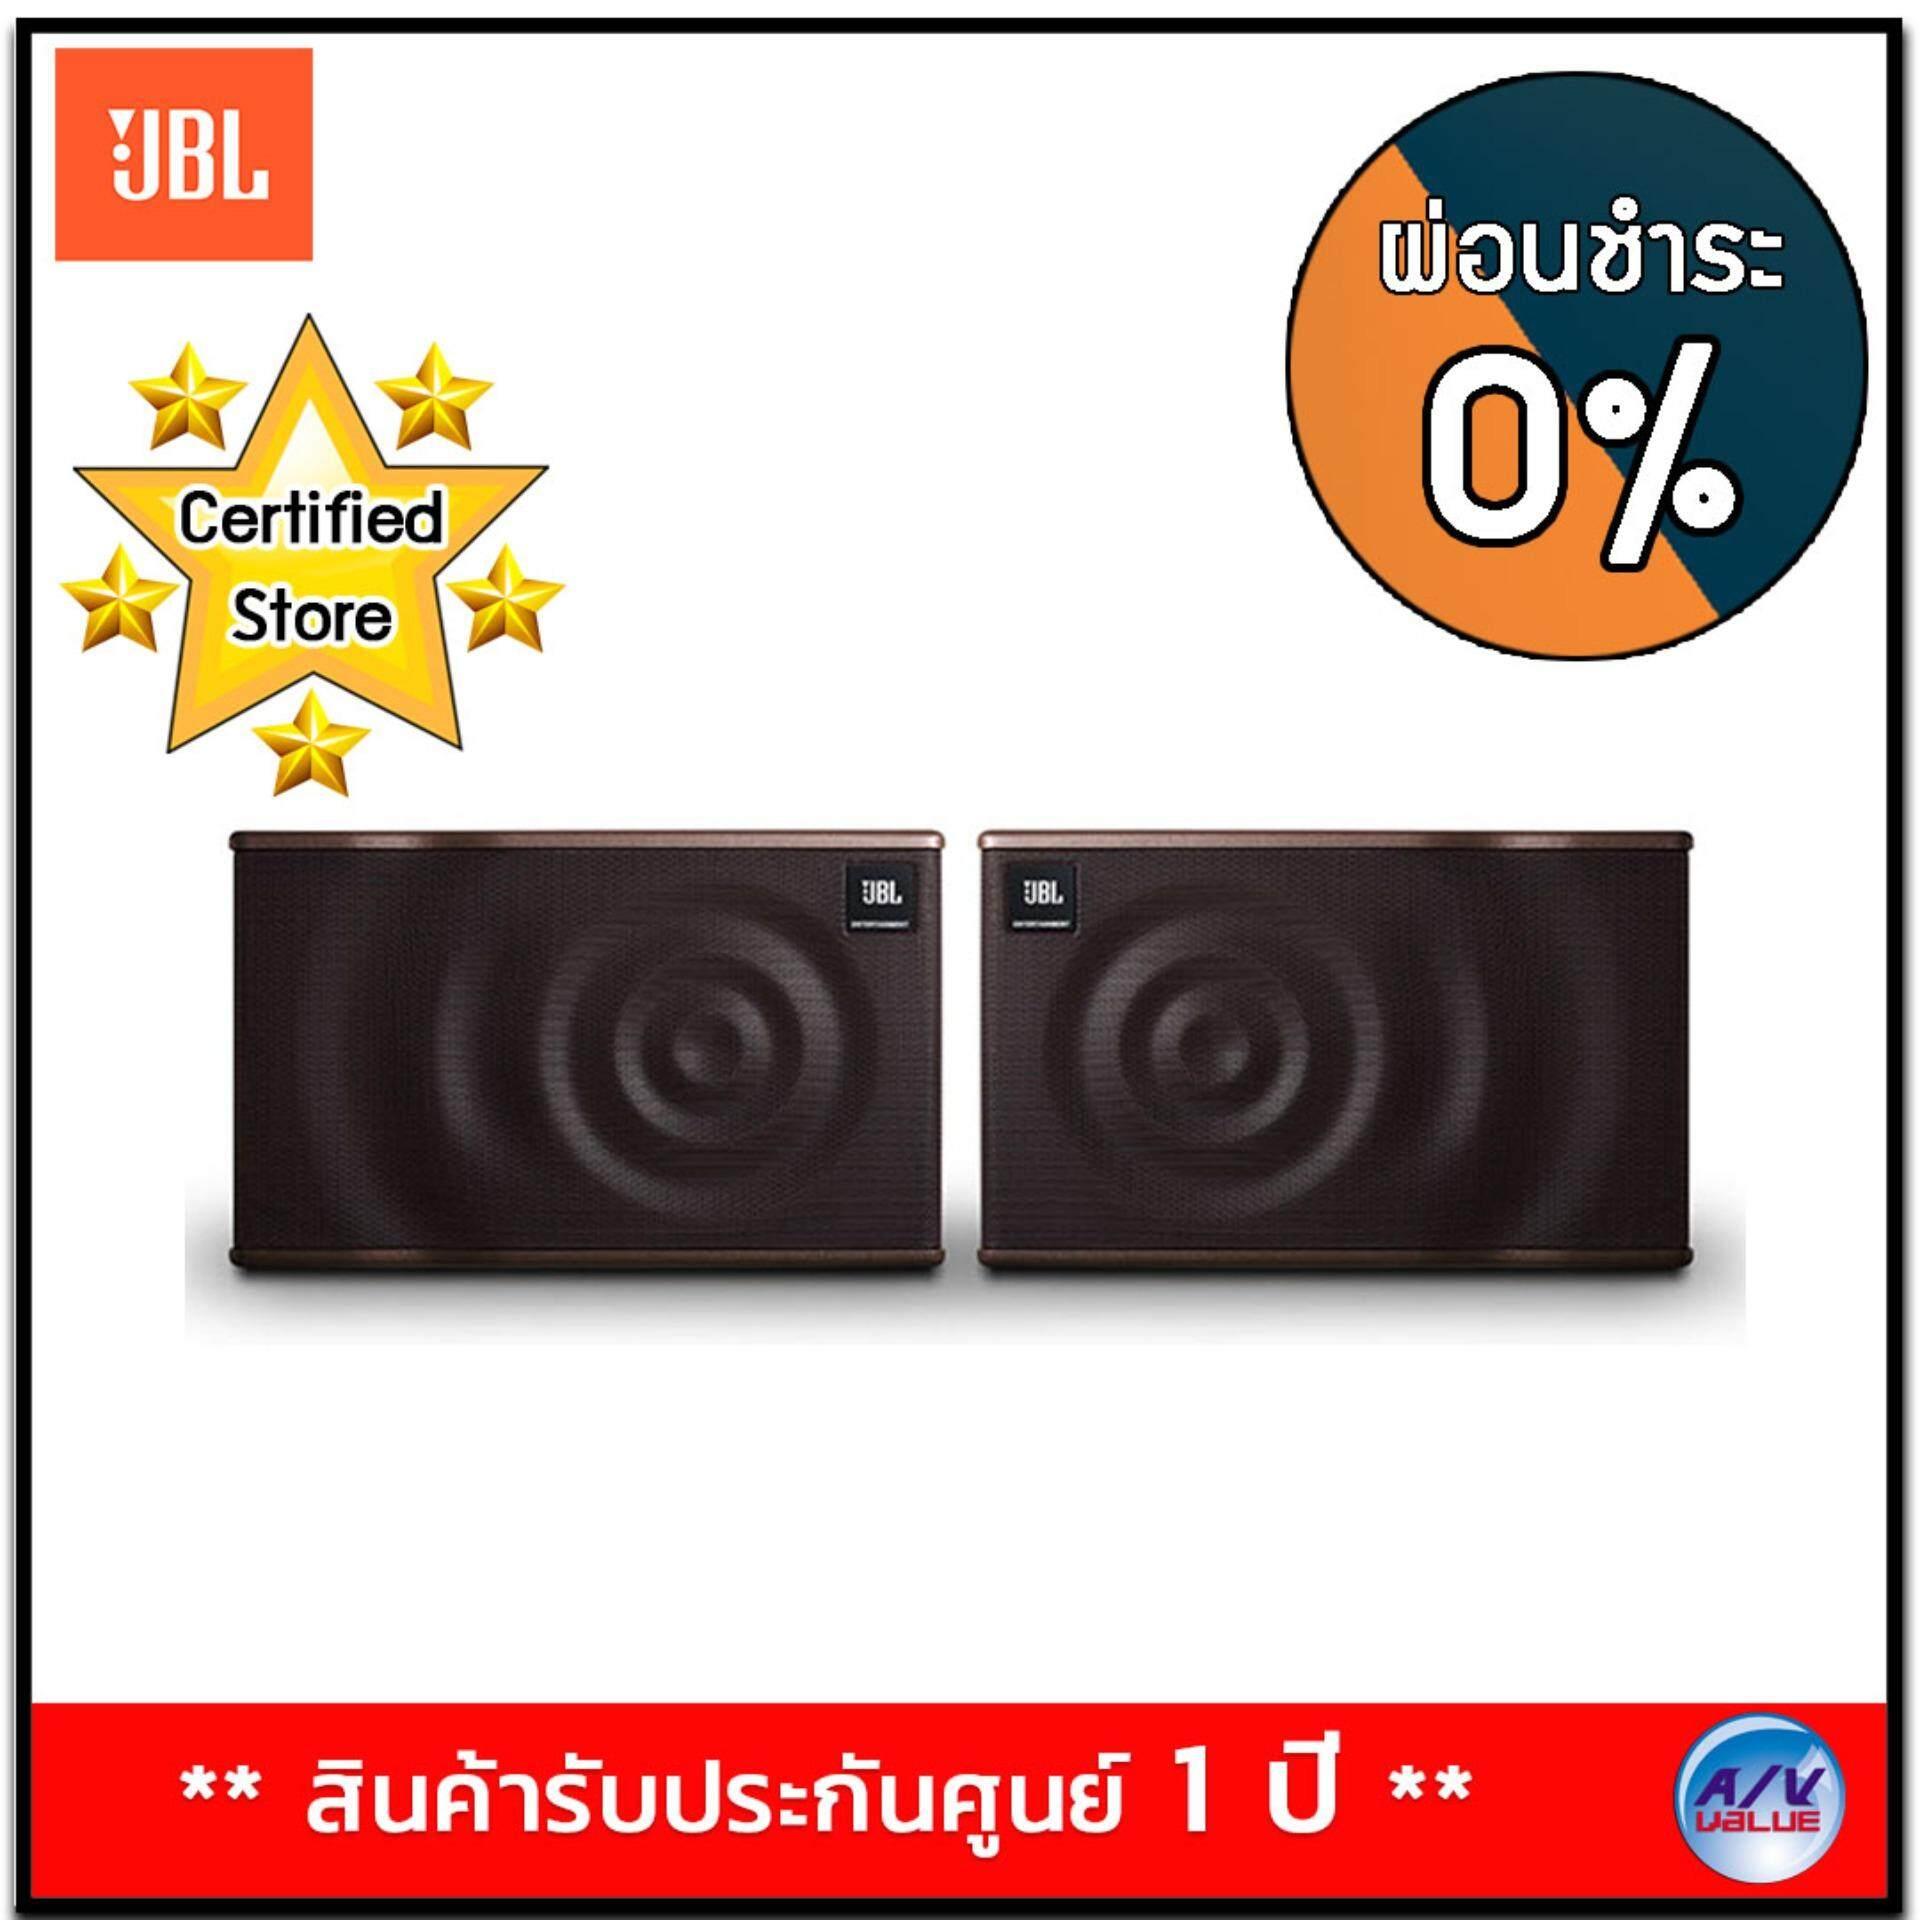 ยี่ห้อนี้ดีไหม  ปราจีนบุรี JBL MK08 8-Inch 2-Way Full-Range Loudspeaker System